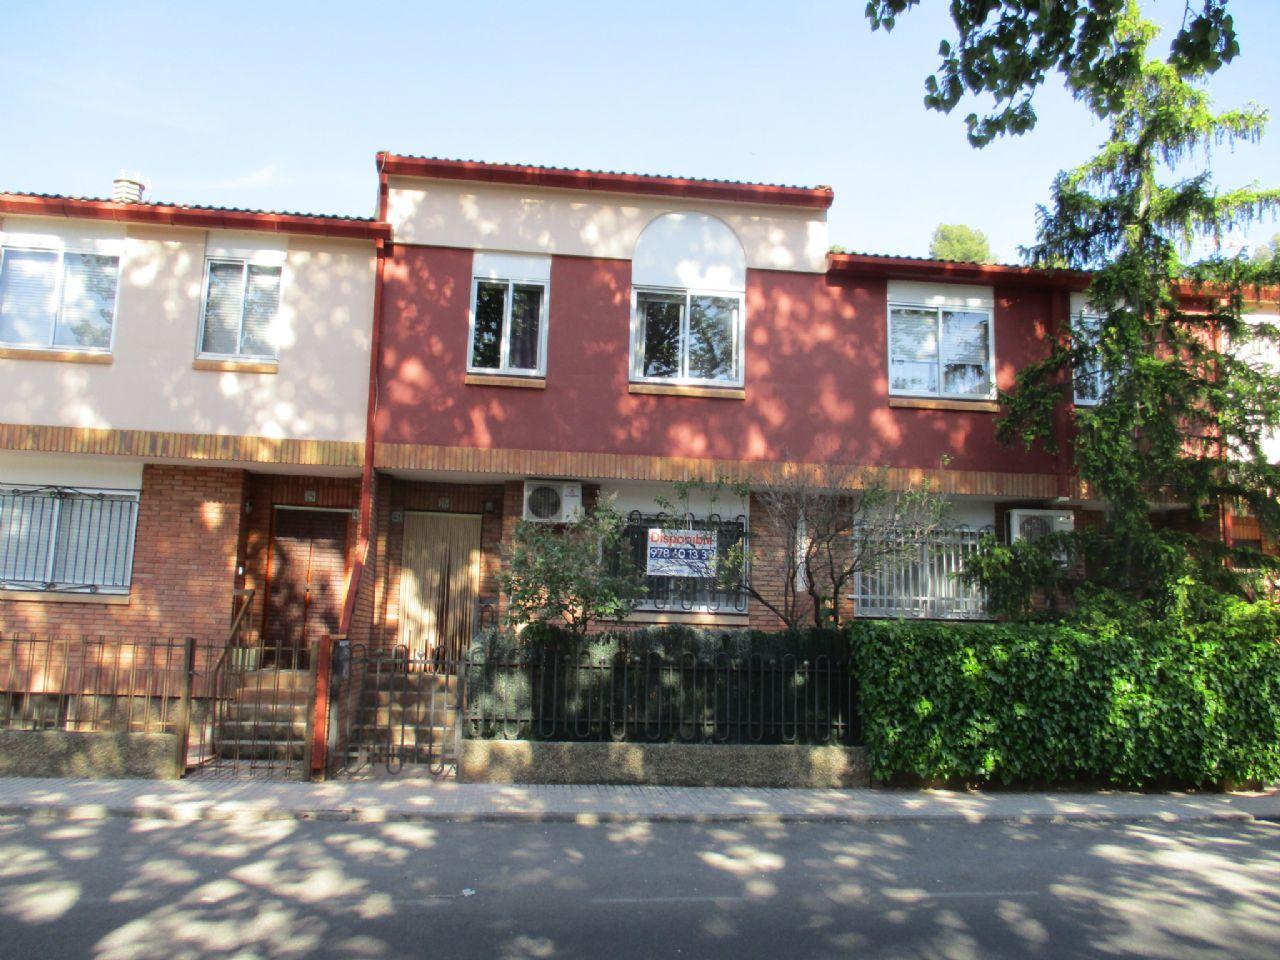 Casa adosada en Teruel, Urbanización la Florida, venta